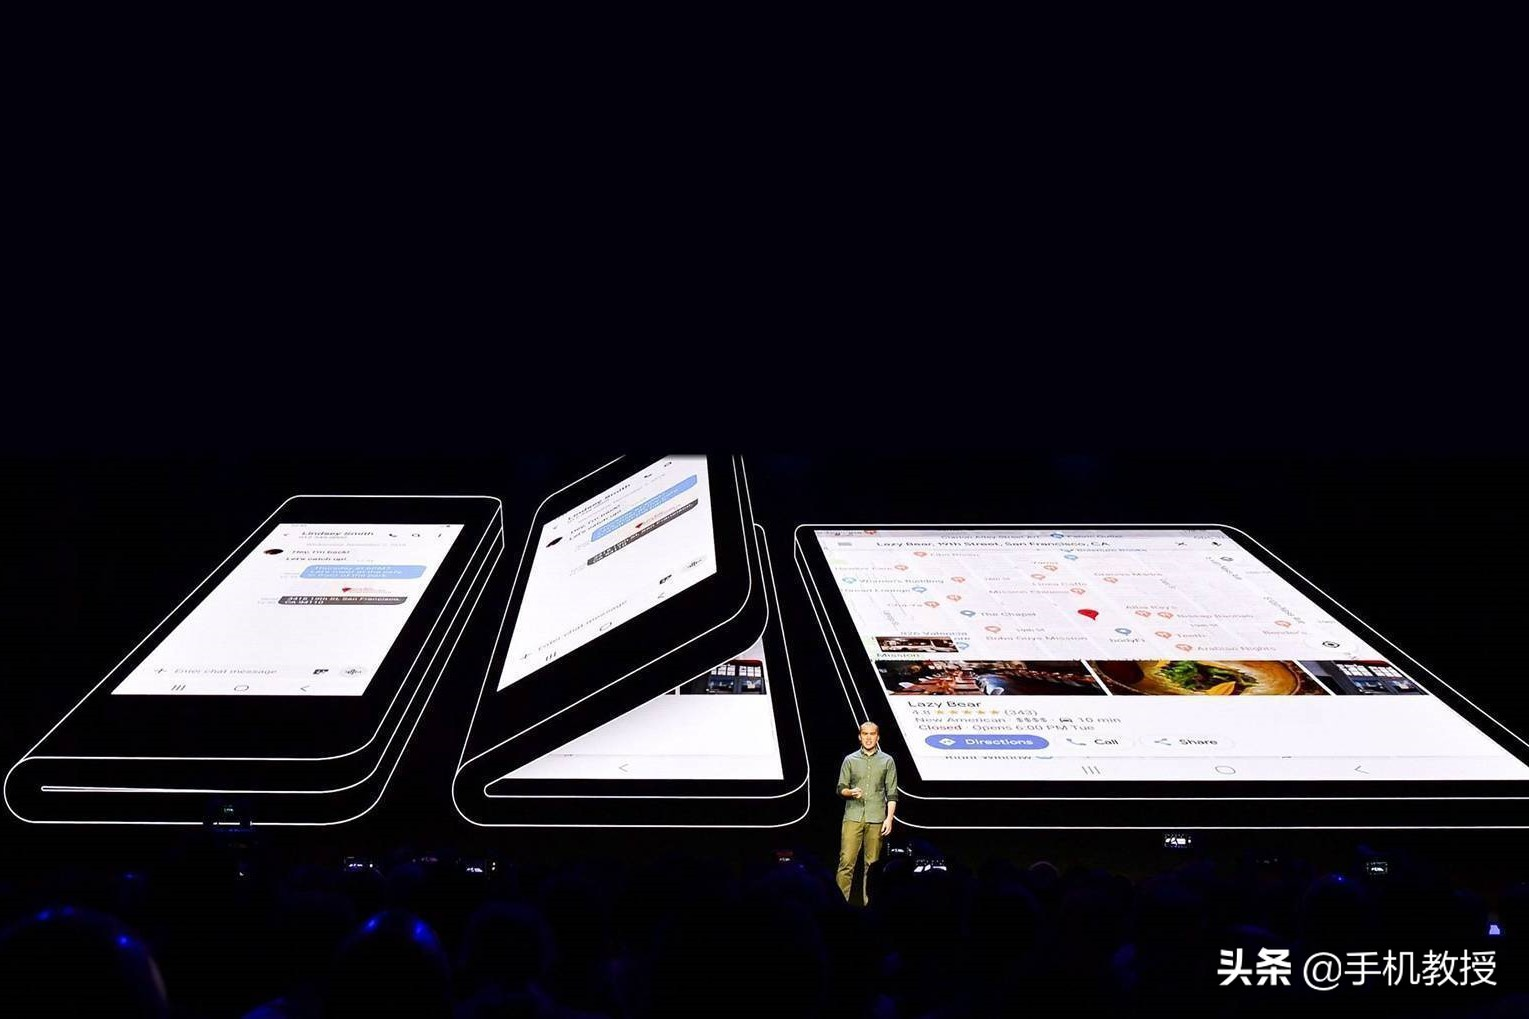 盘点6种主流屏幕设计,刘海、升降成历史,谁才是最后赢家?